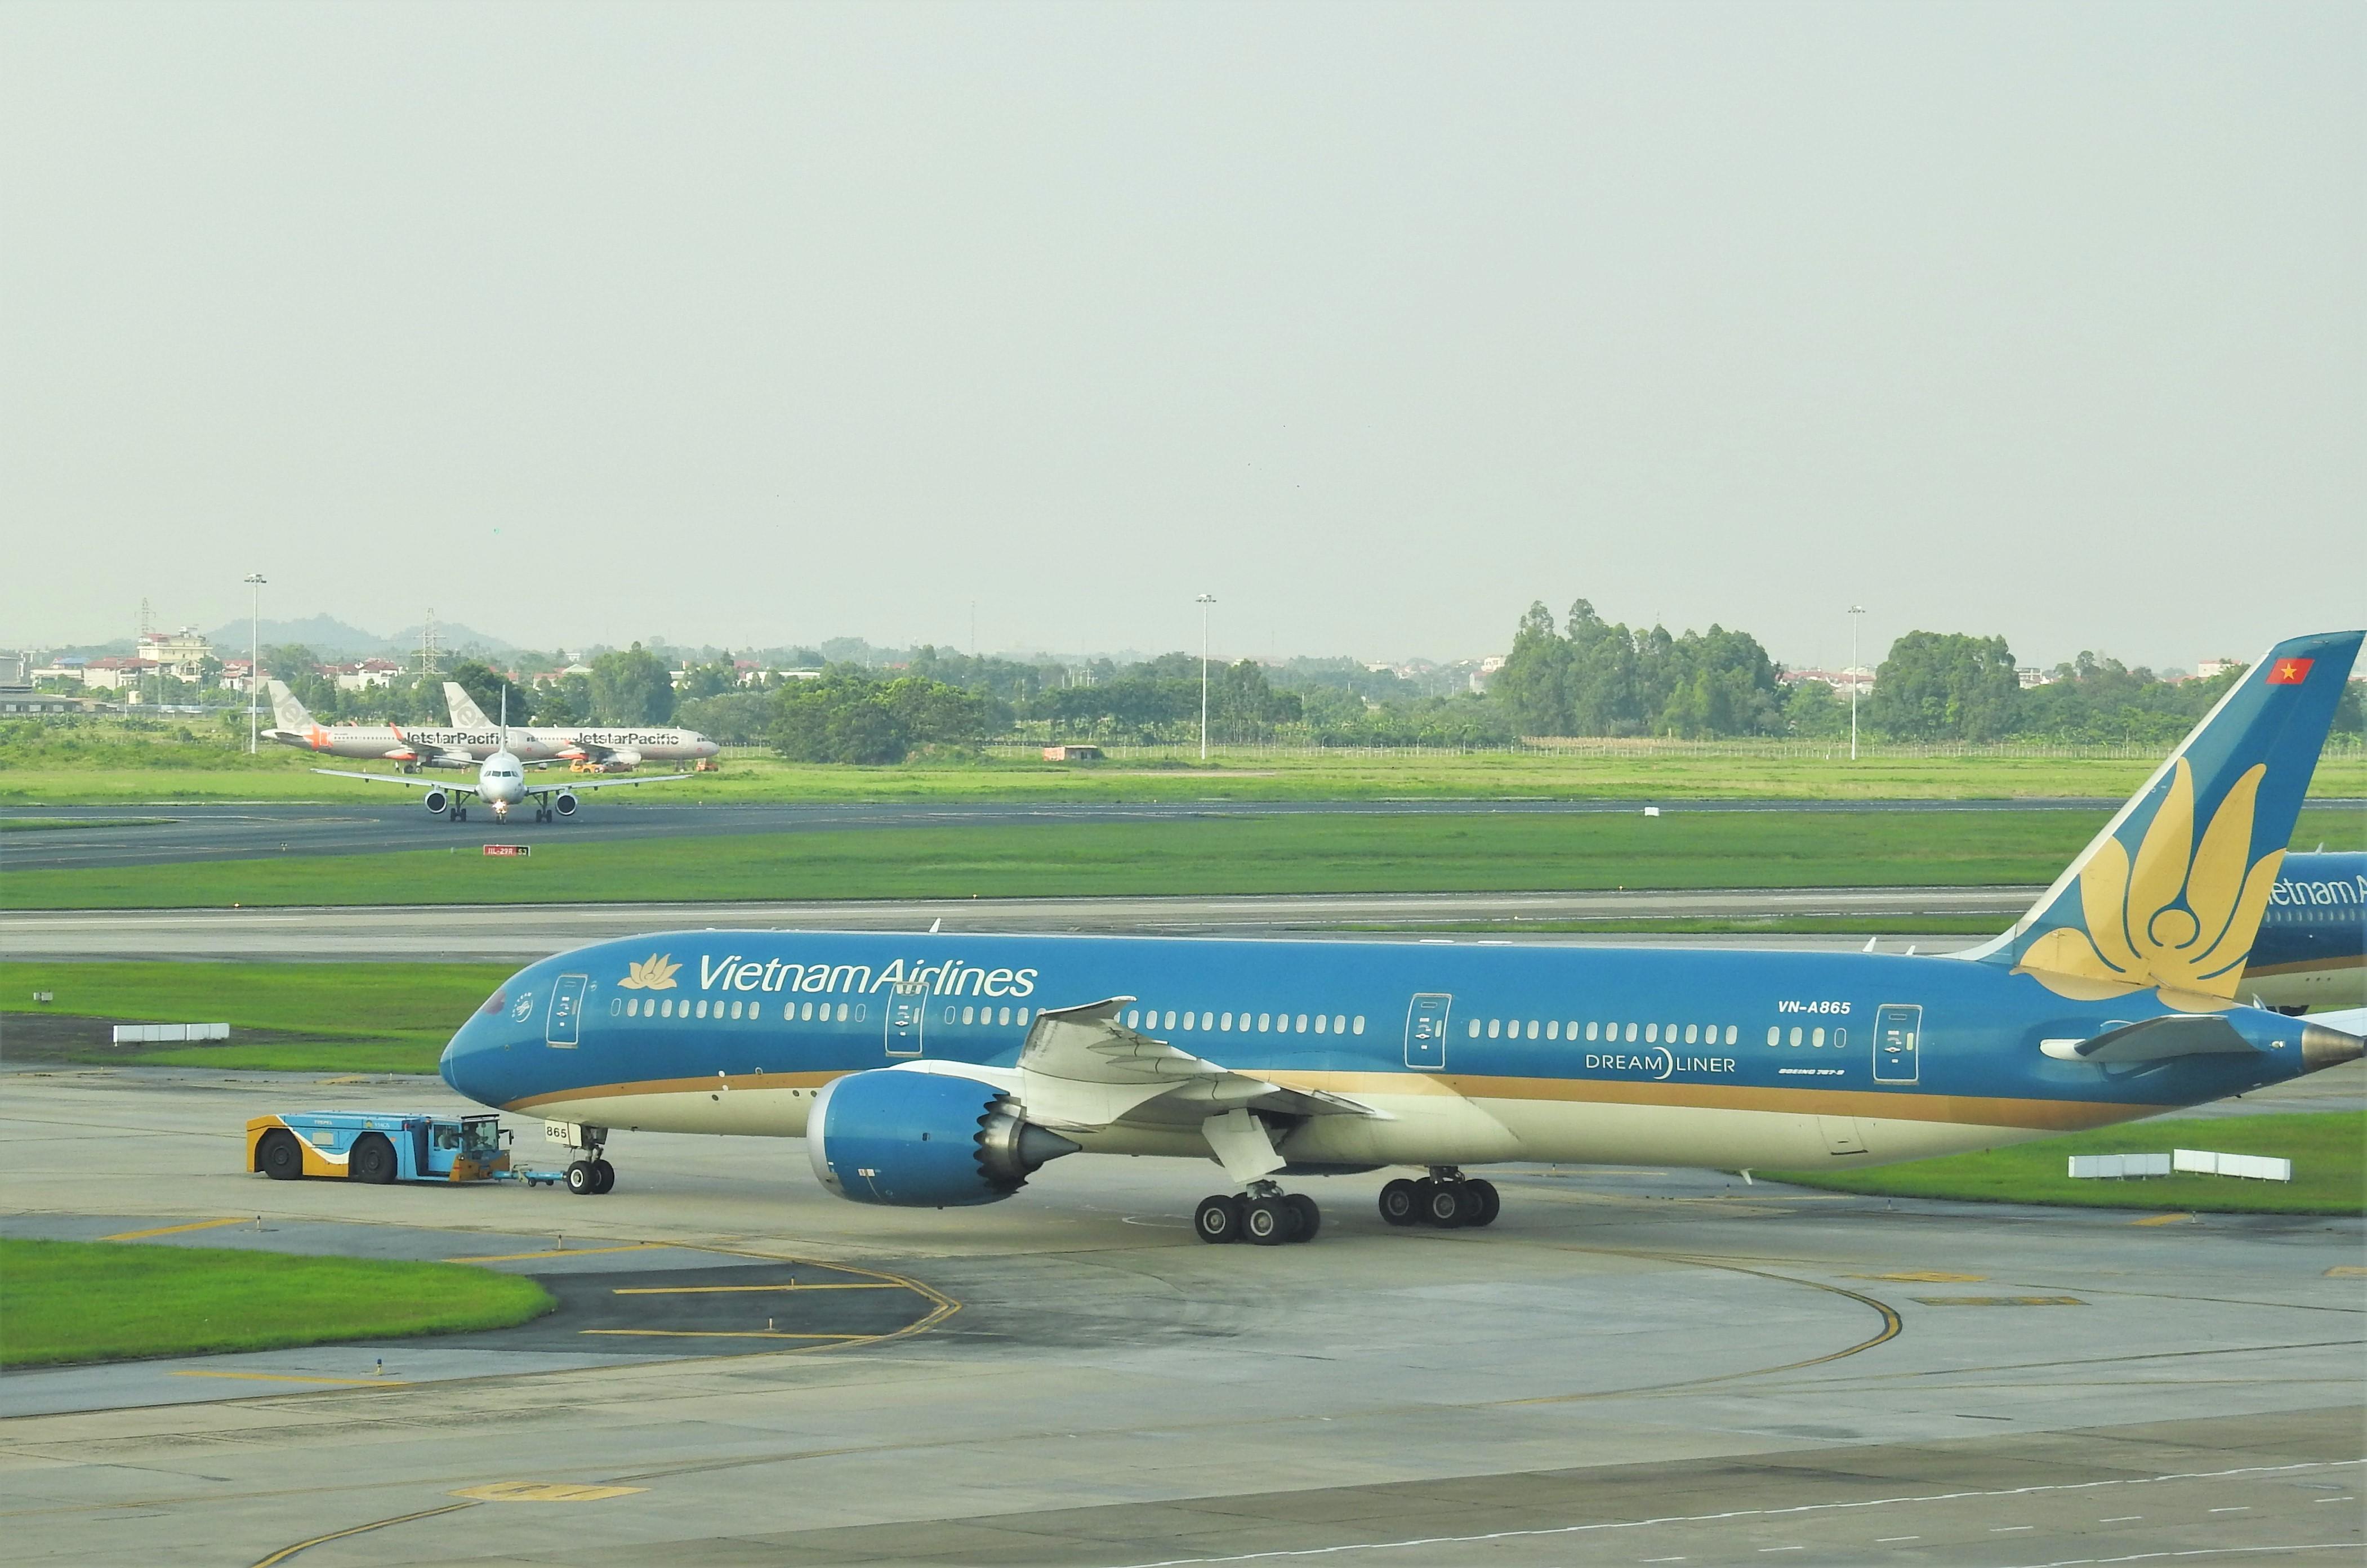 Vietnam Airlines nối lại bay quốc tế thường lệ từ 18/9, giá vé từ hơn 10 triệu đồng - Ảnh 1.